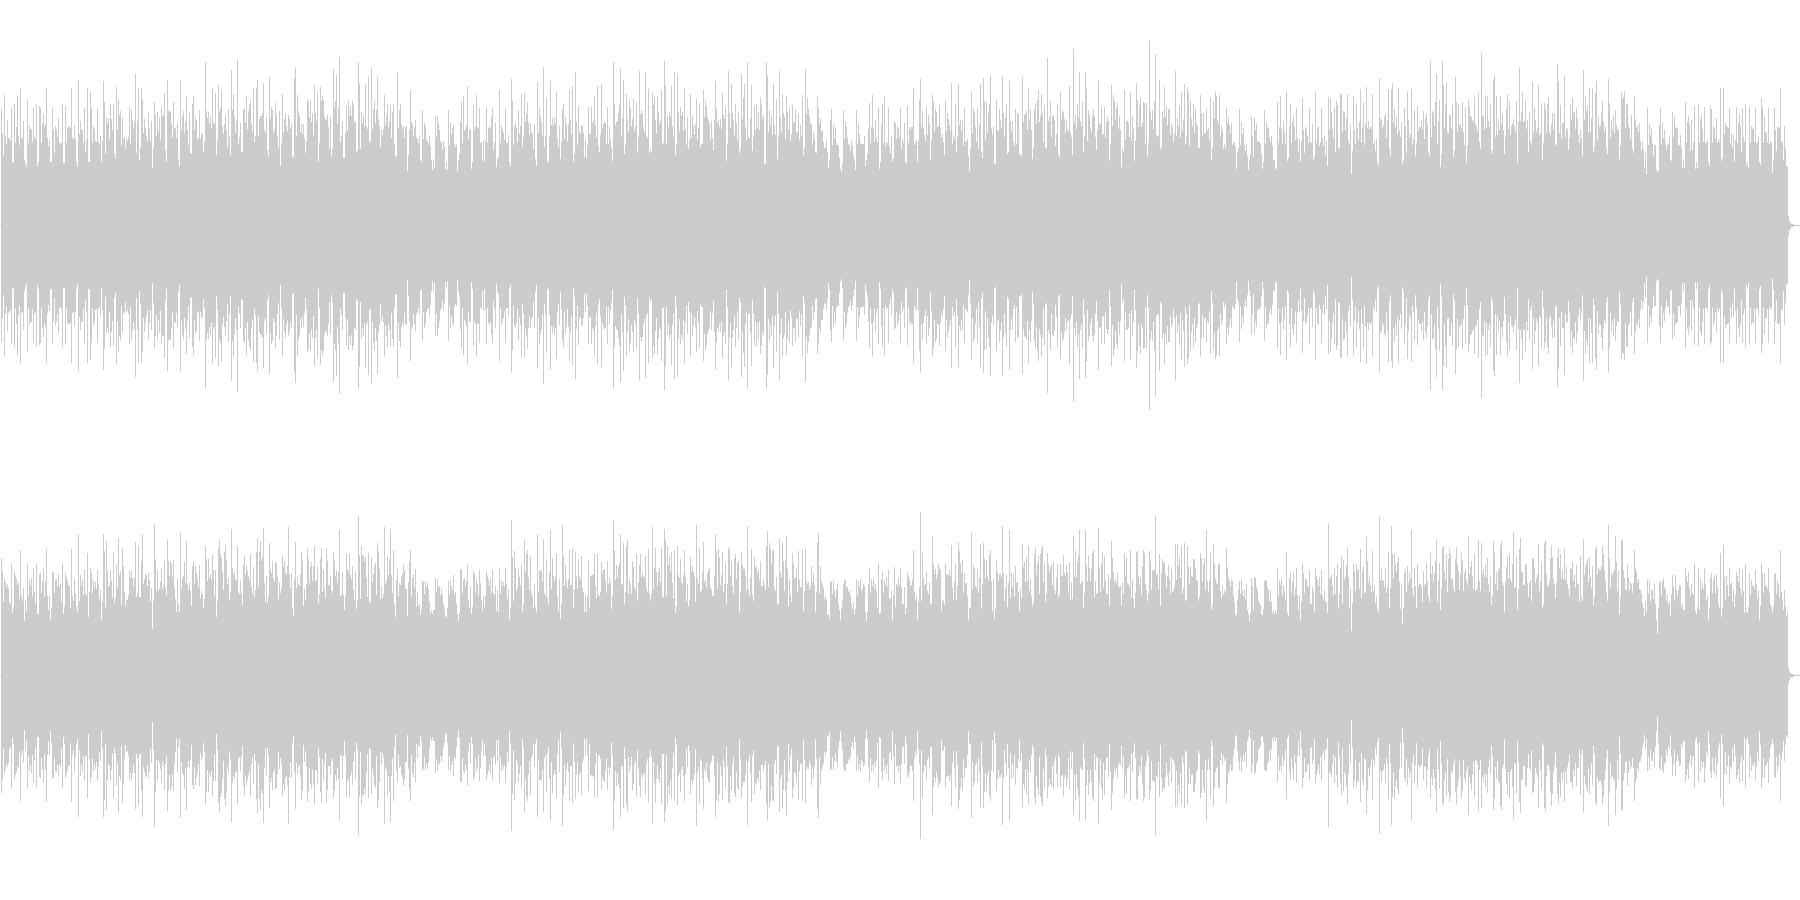 疾走するシリアスピアノとエレピの曲の未再生の波形